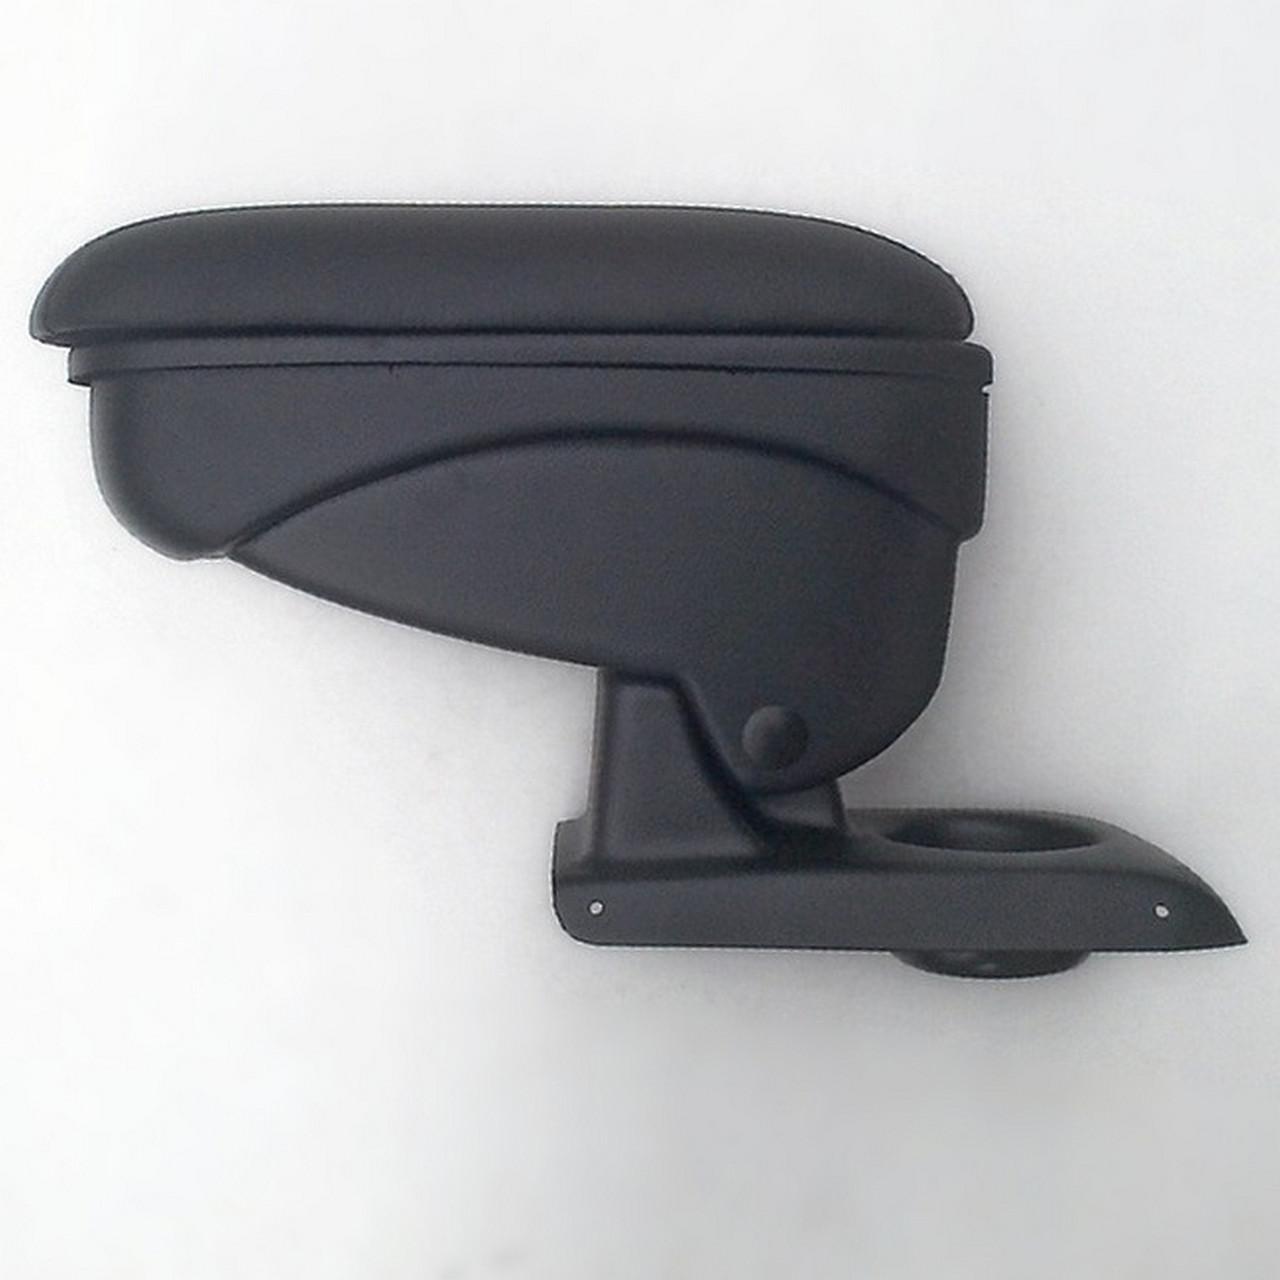 Підлокітник Armcik S1 з зсувною кришкою для Nissan Tiida С11 2004-2012